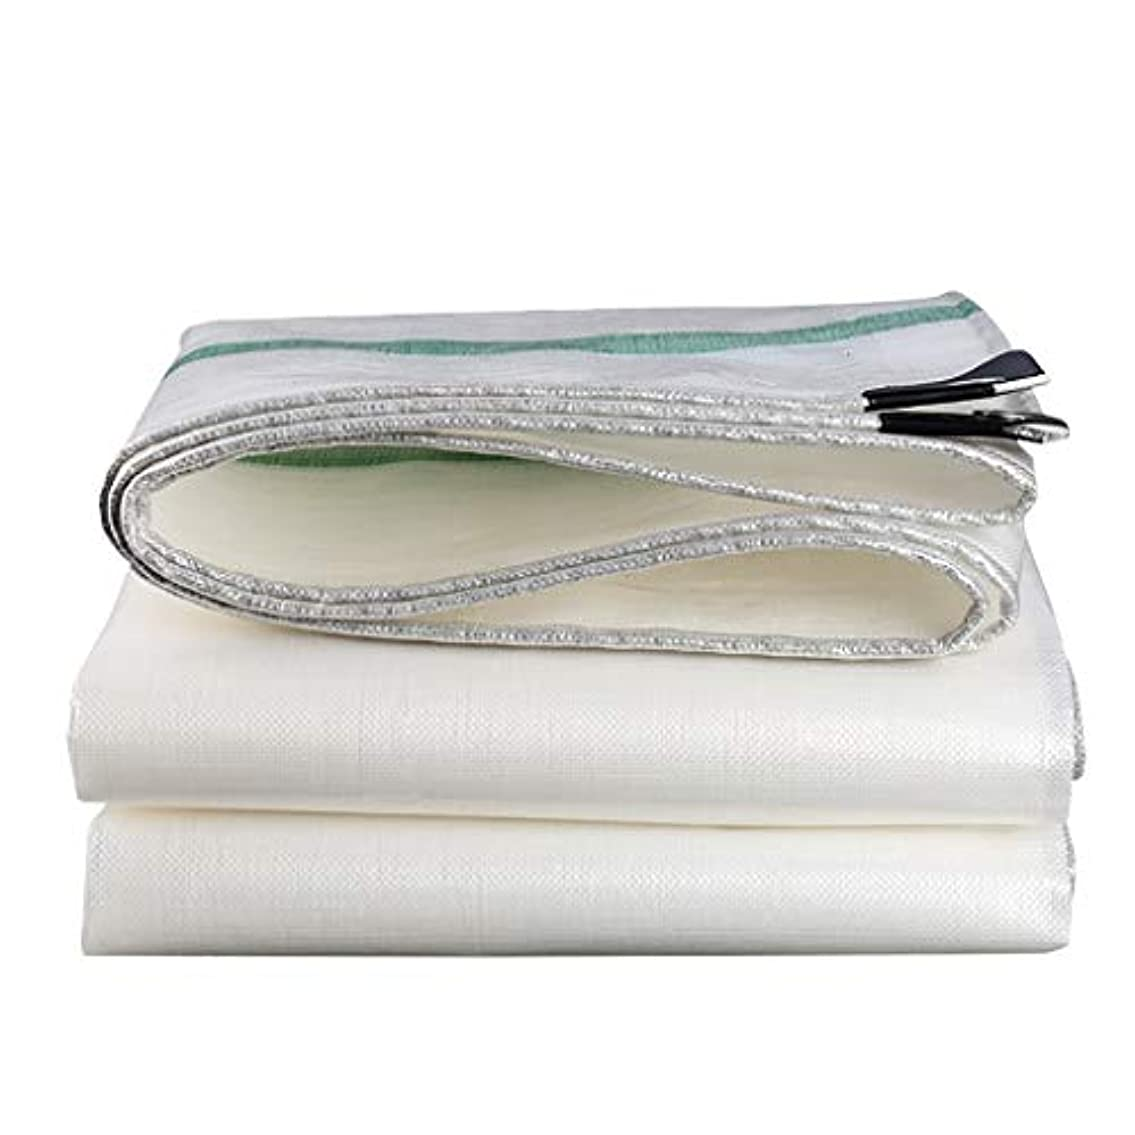 征服する膜コントロールタープ グロメットと強化エッジ付きサバイバルテントヘビーデューティターポリン、プラスチック製防水シート4m×8m 15ミル厚210 g/m² テント (Color : White, Size : 4m×8m)